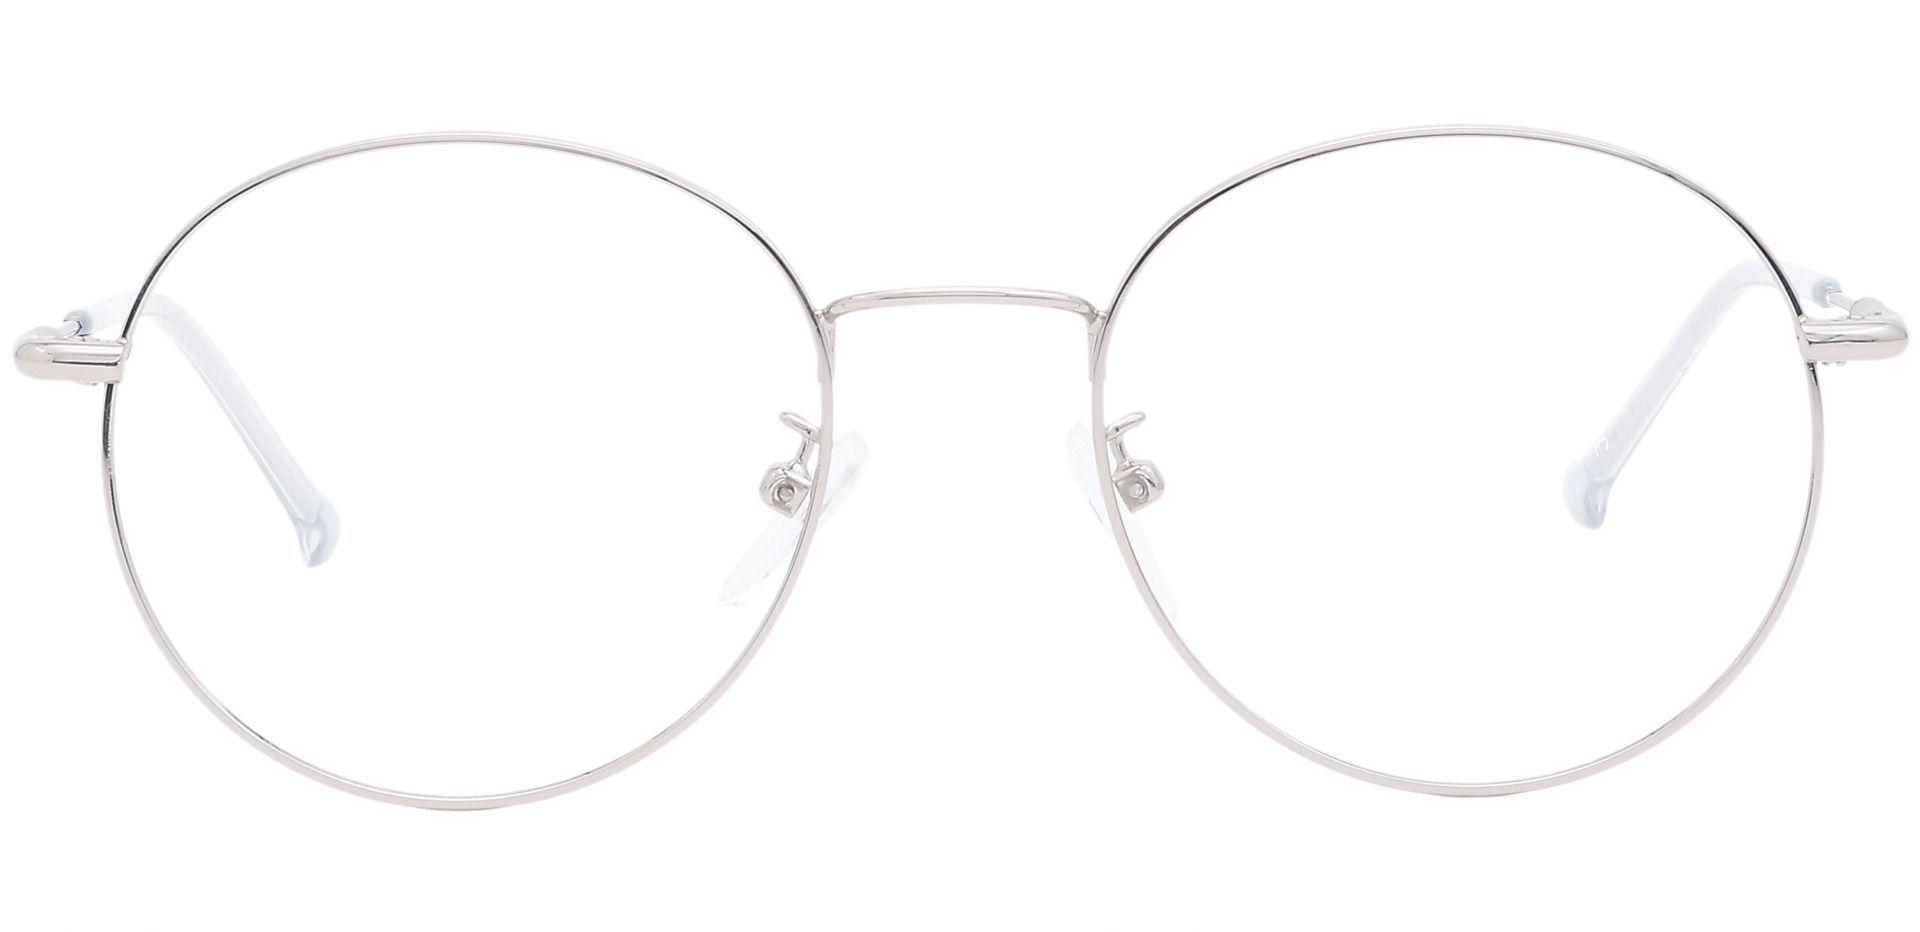 Magnus Round Progressive Glasses - Gray